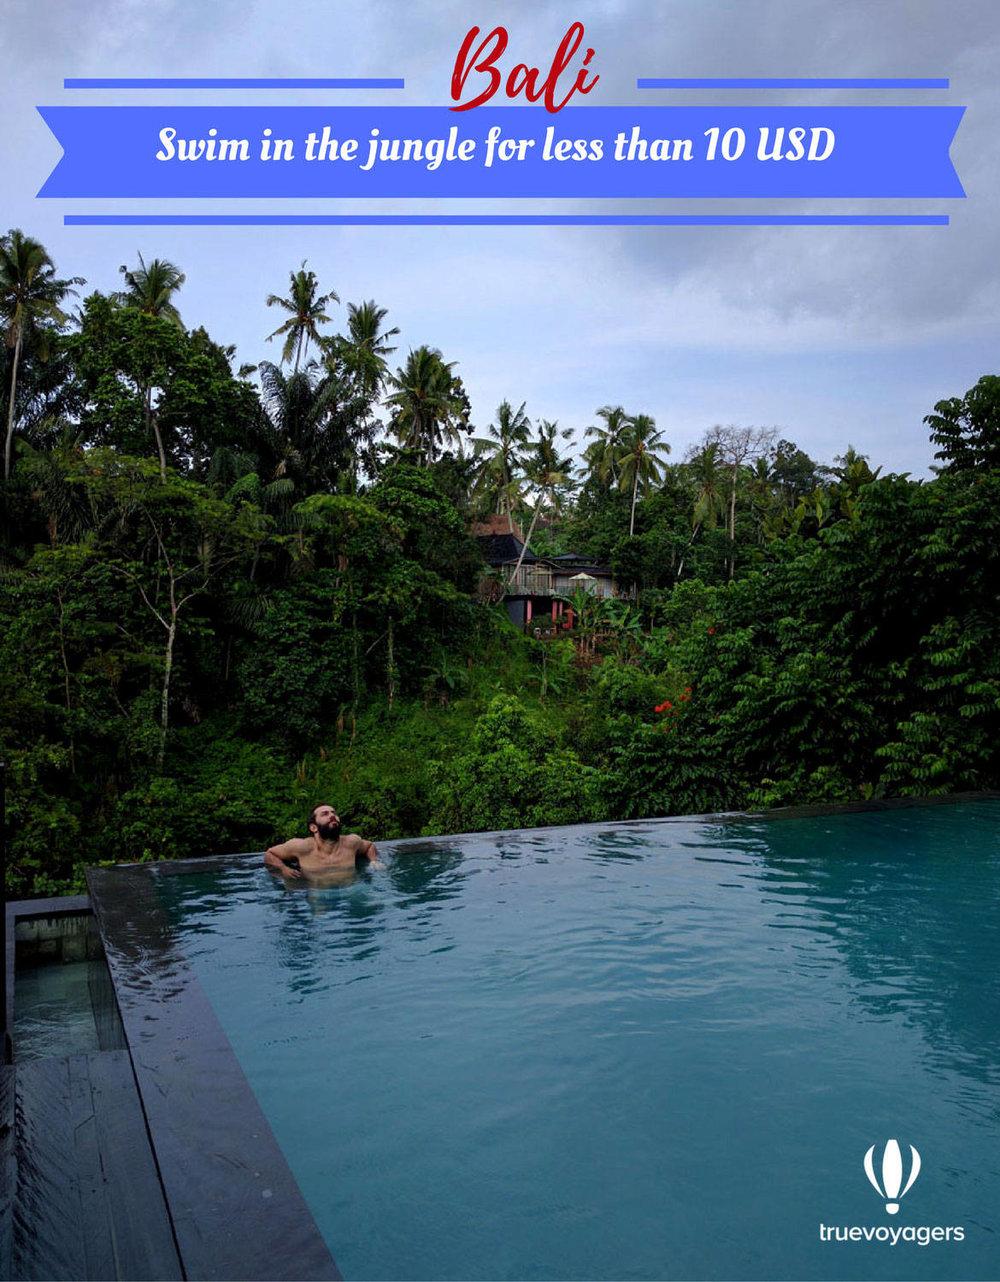 Κολυμπήστε στην καλύτερη πισίνα στο Μπαλί